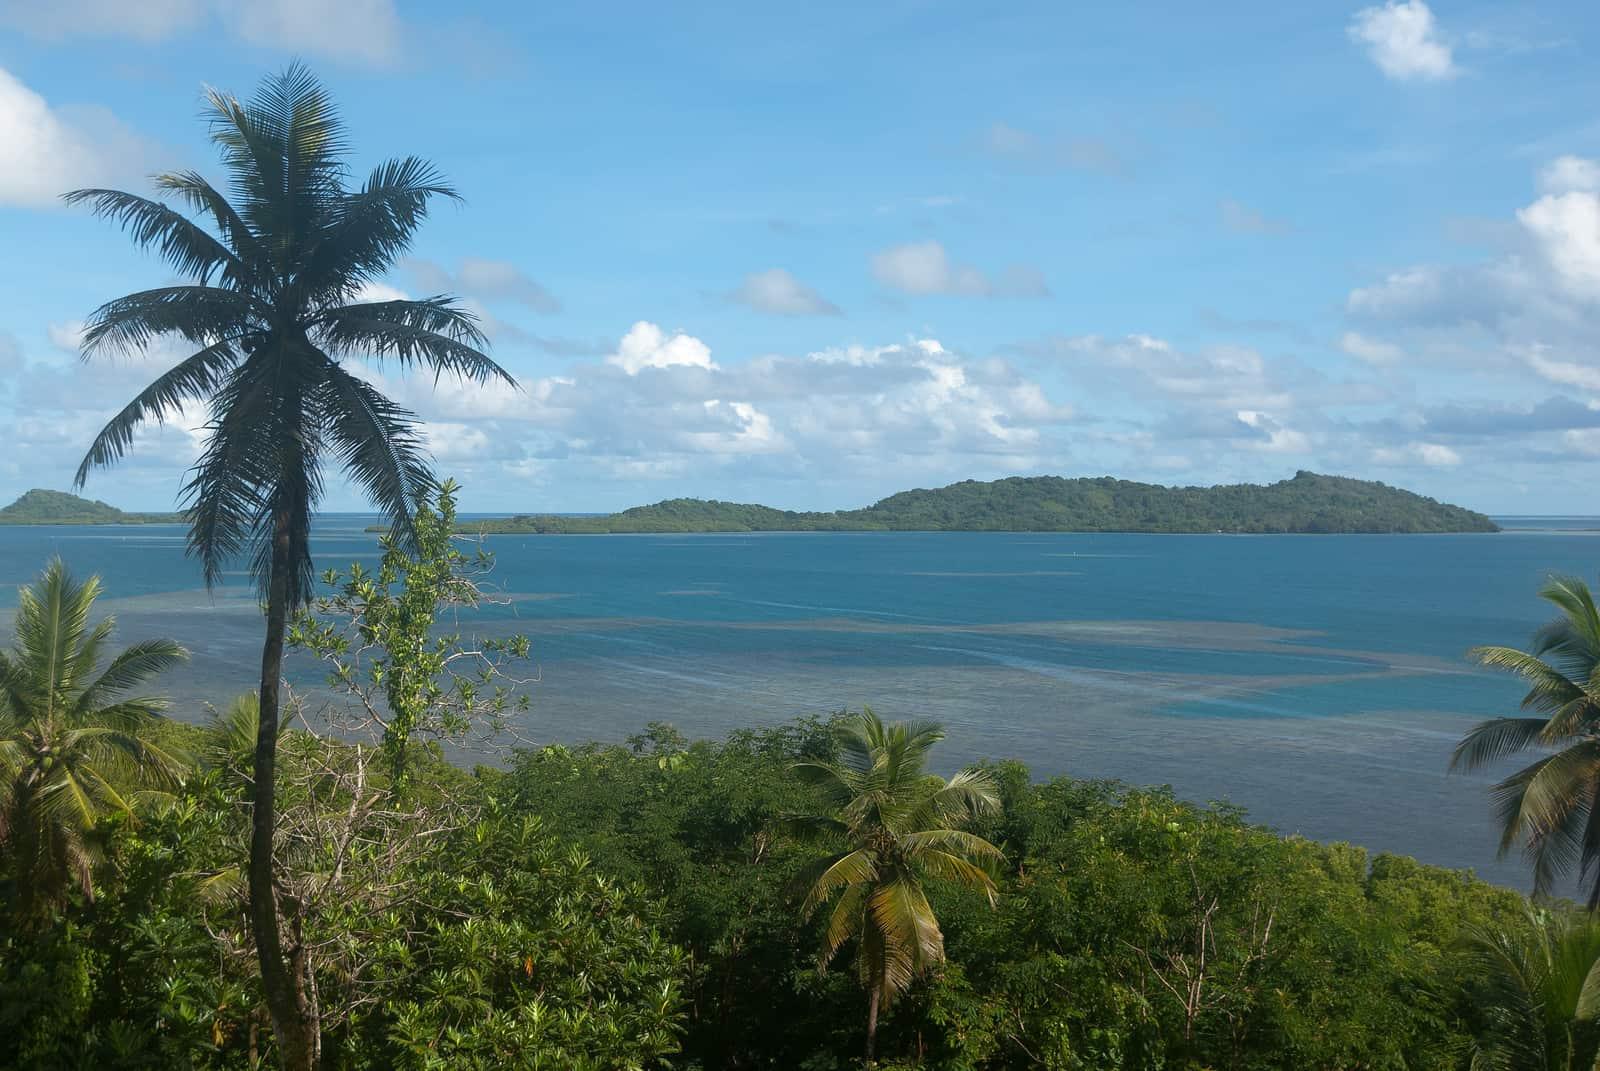 Gary Arndt - Pohnpei Lagoon, Micronesia